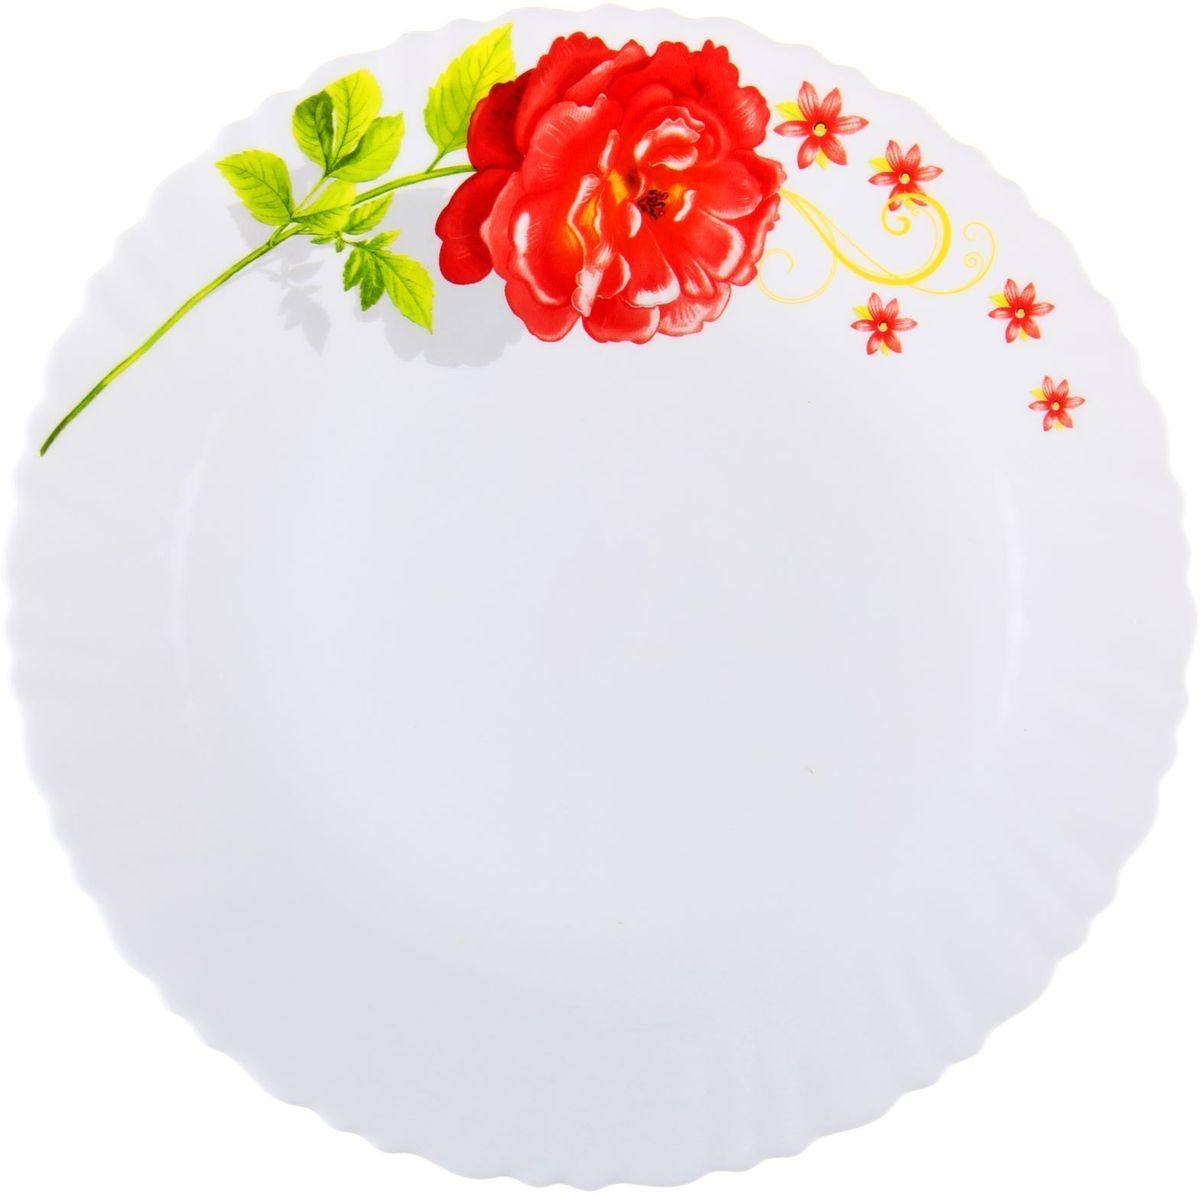 Тарелка Китайская роза, диаметр 26 см1152123Тарелка – важнейший предмет любого застолья. Будучи во главе стола, она привлекает к себе основное внимание. А это значит – рисунок, цвет и материал играют немаловажную роль.Почему во всем мире так ценится посуда из стеклокермики?Универсальна. Ее можно использовать и для приготовления пищи, и для безопасного хранения любых готовых блюд. В такой посуде можно кипятить, варить, жарить парить, тушить и запекать любые продукты.Ударопрочна и травмобезопасна. Термическое стекло – очень прочный материал, который не поддается механическим нагрузкам, не бьется, не колется и не трескается.Термически устойчива (жаропрочна). Посуда не деформируется при нагреве и подходит для СВЧ-печей.Химически инертна. Стеклянные поверхности посуды совершенно нечувствительны к воздействию моющих и чистящих средств.Экологически и гигиенически безопасна. Стеклокерамика – исключительно «чистый» материал, не выделяющий вредных летучих соединений даже при сильном нагреве, не впитывает запахов и не передает их хранящейся или готовящейся пище.Удобна в уходе. Моется обычной теплой водой, не формирует накипь и нагар.Эстетически привлекательна. Прозрачное, матовое и тонированное термическое стекло имеет оригинальный вид, который сохраняется в любых технических условиях на долгие годы.